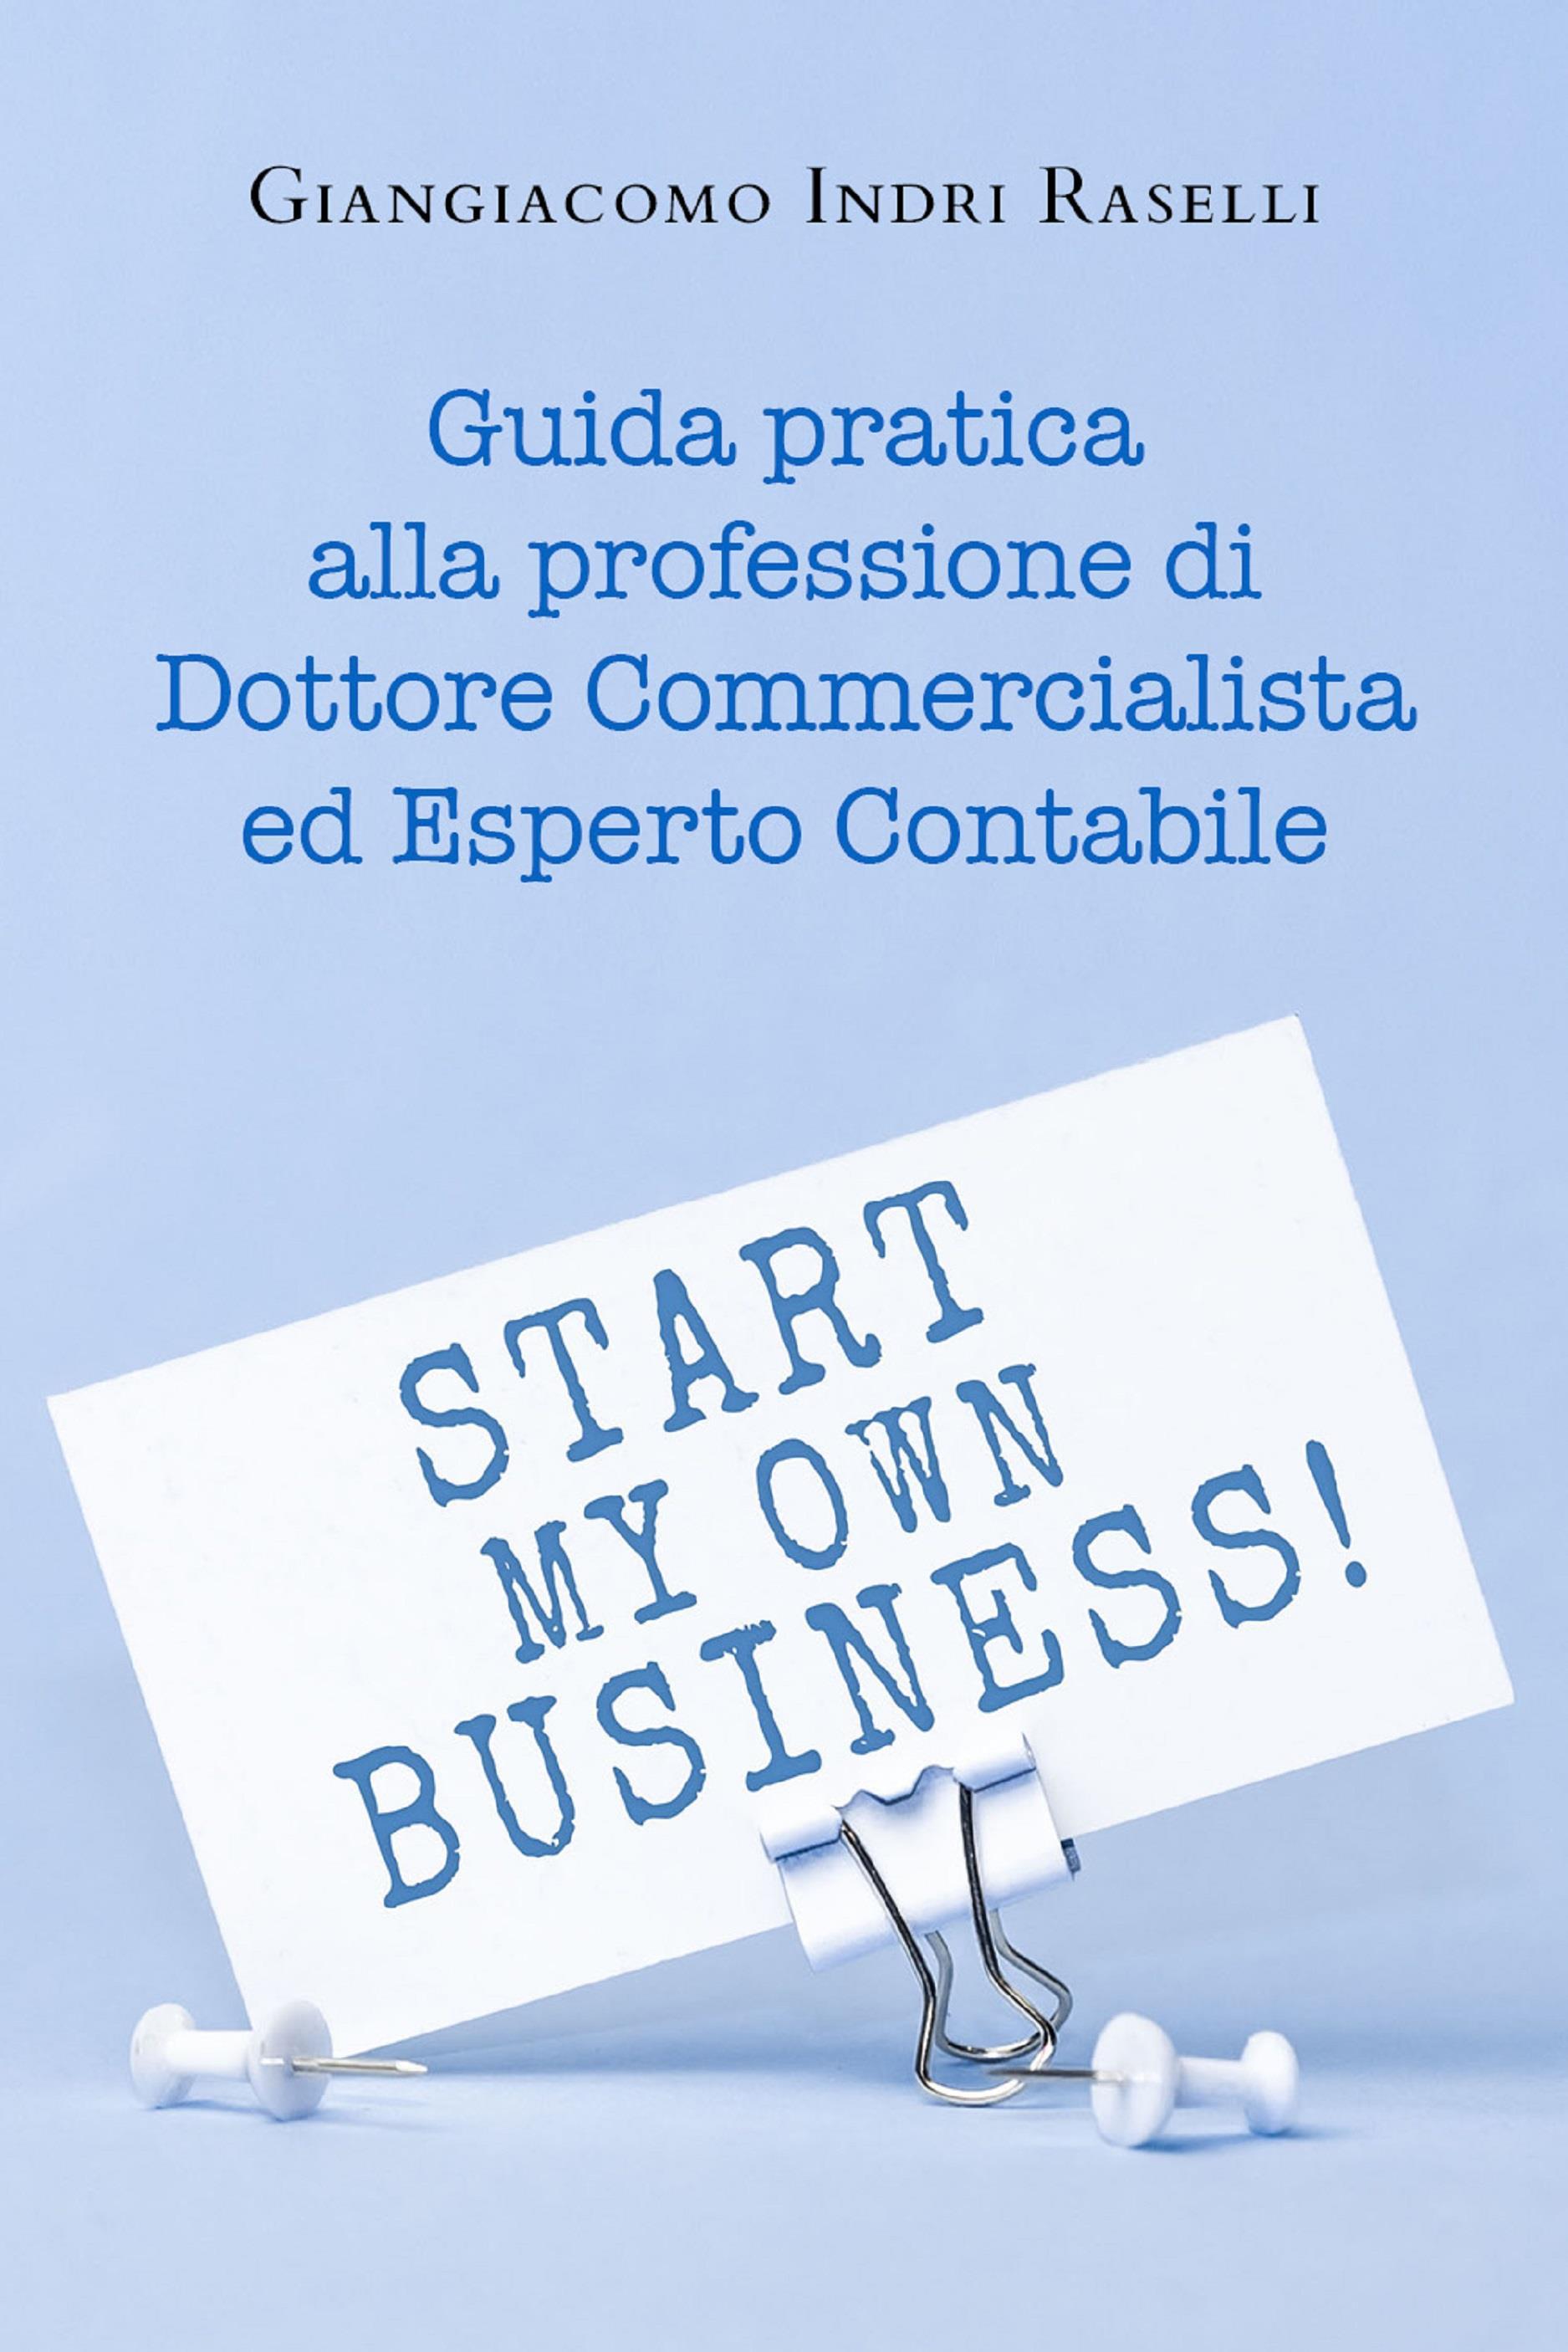 Guida pratica alla professione di Dottore Commercialista ed Esperto Contabile